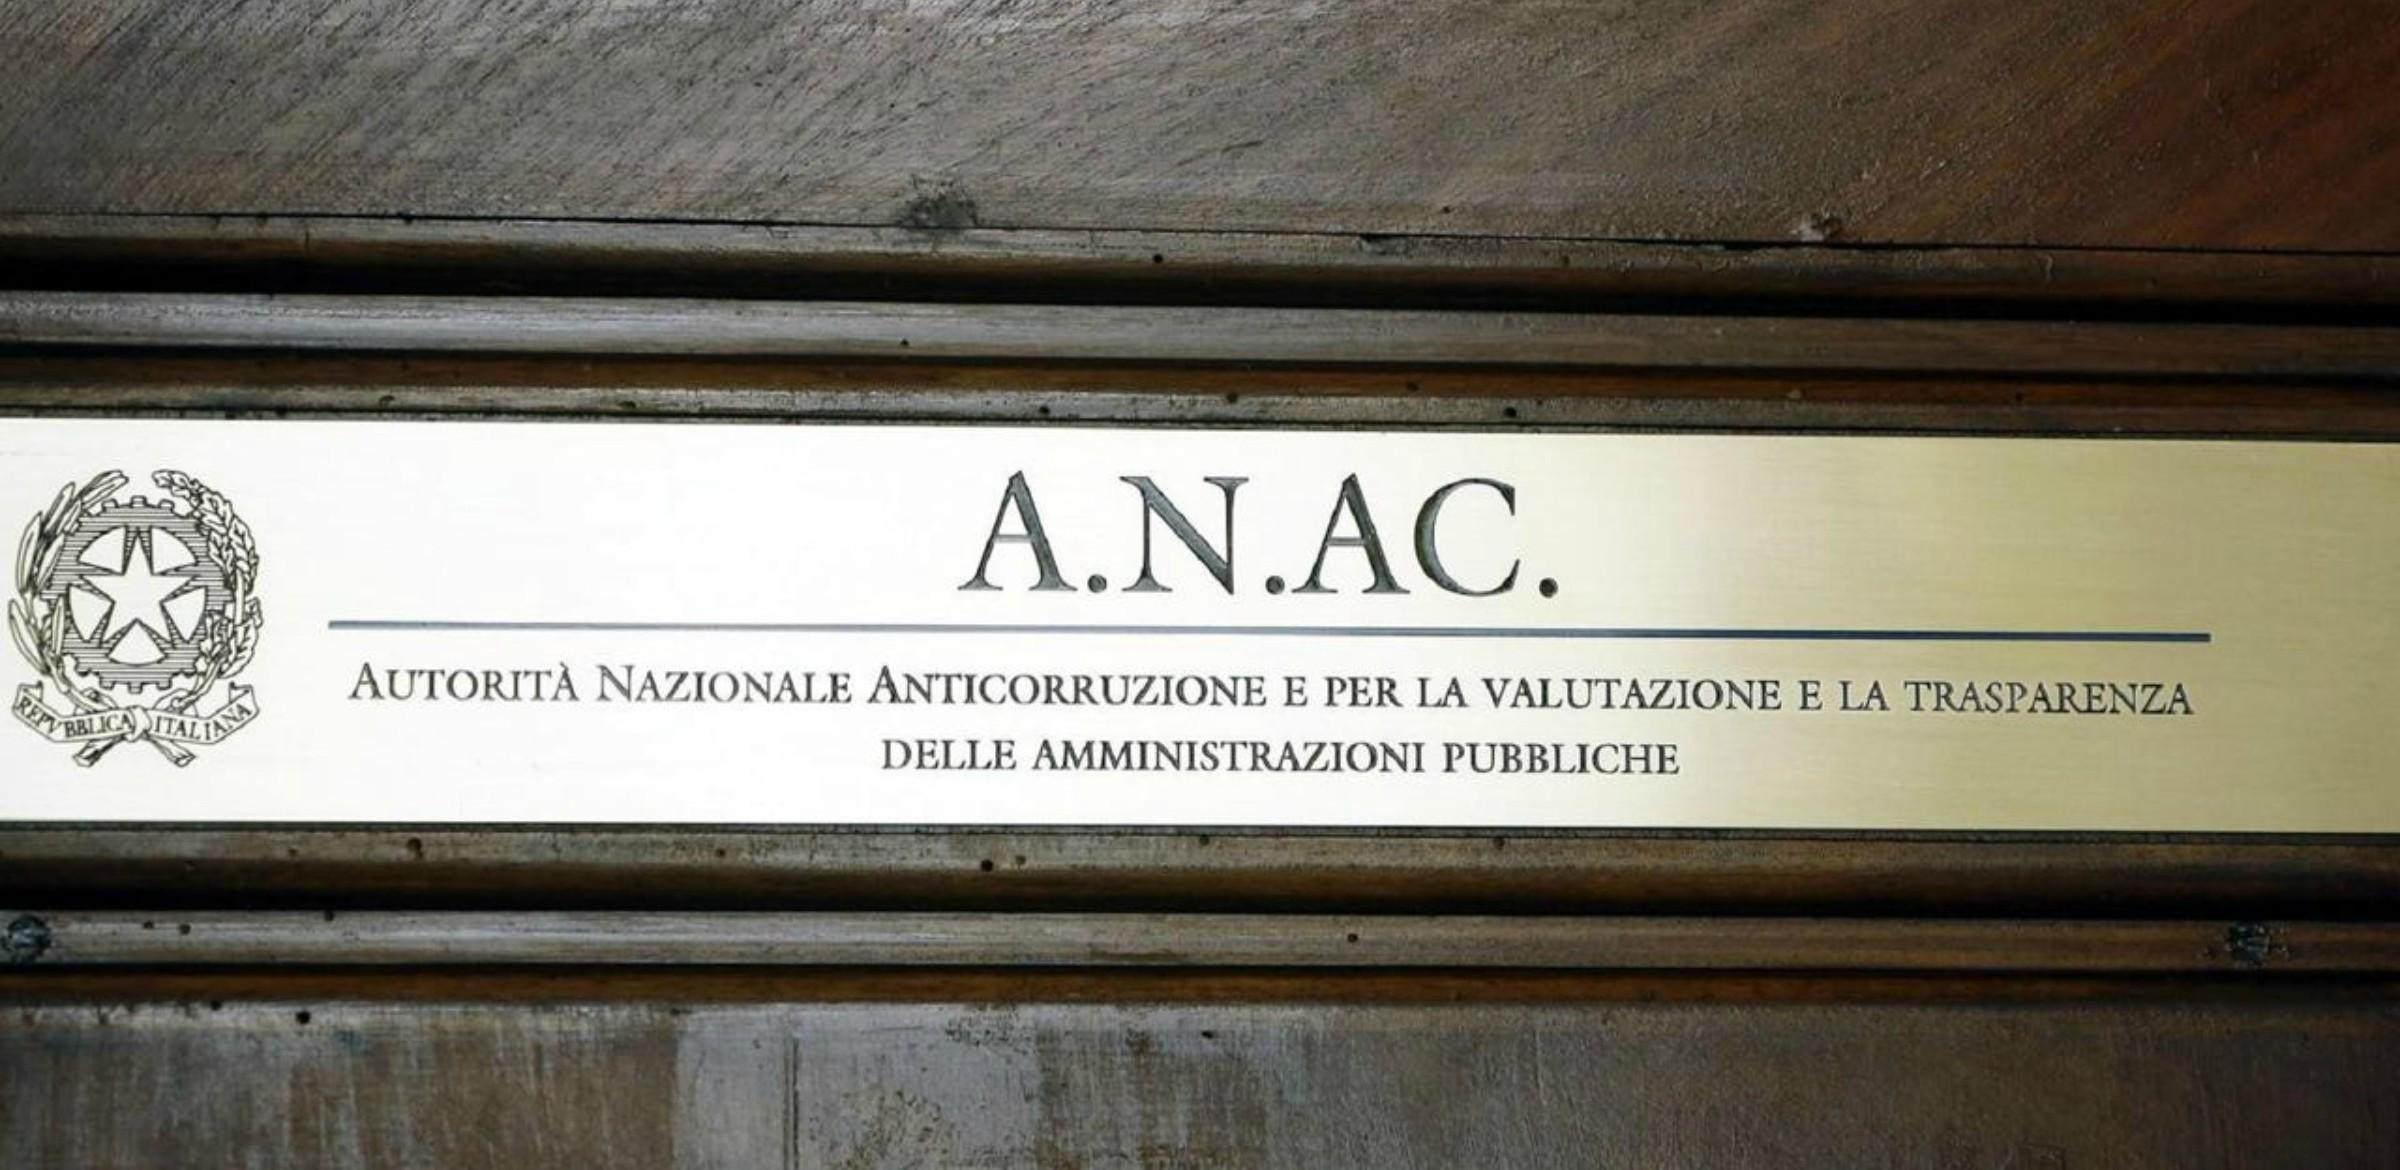 """Appalti e contratti pubblici, nota dell'ANAC: """"Numeri in forte crescita nell'ultimo quadrimestre del 2019"""""""